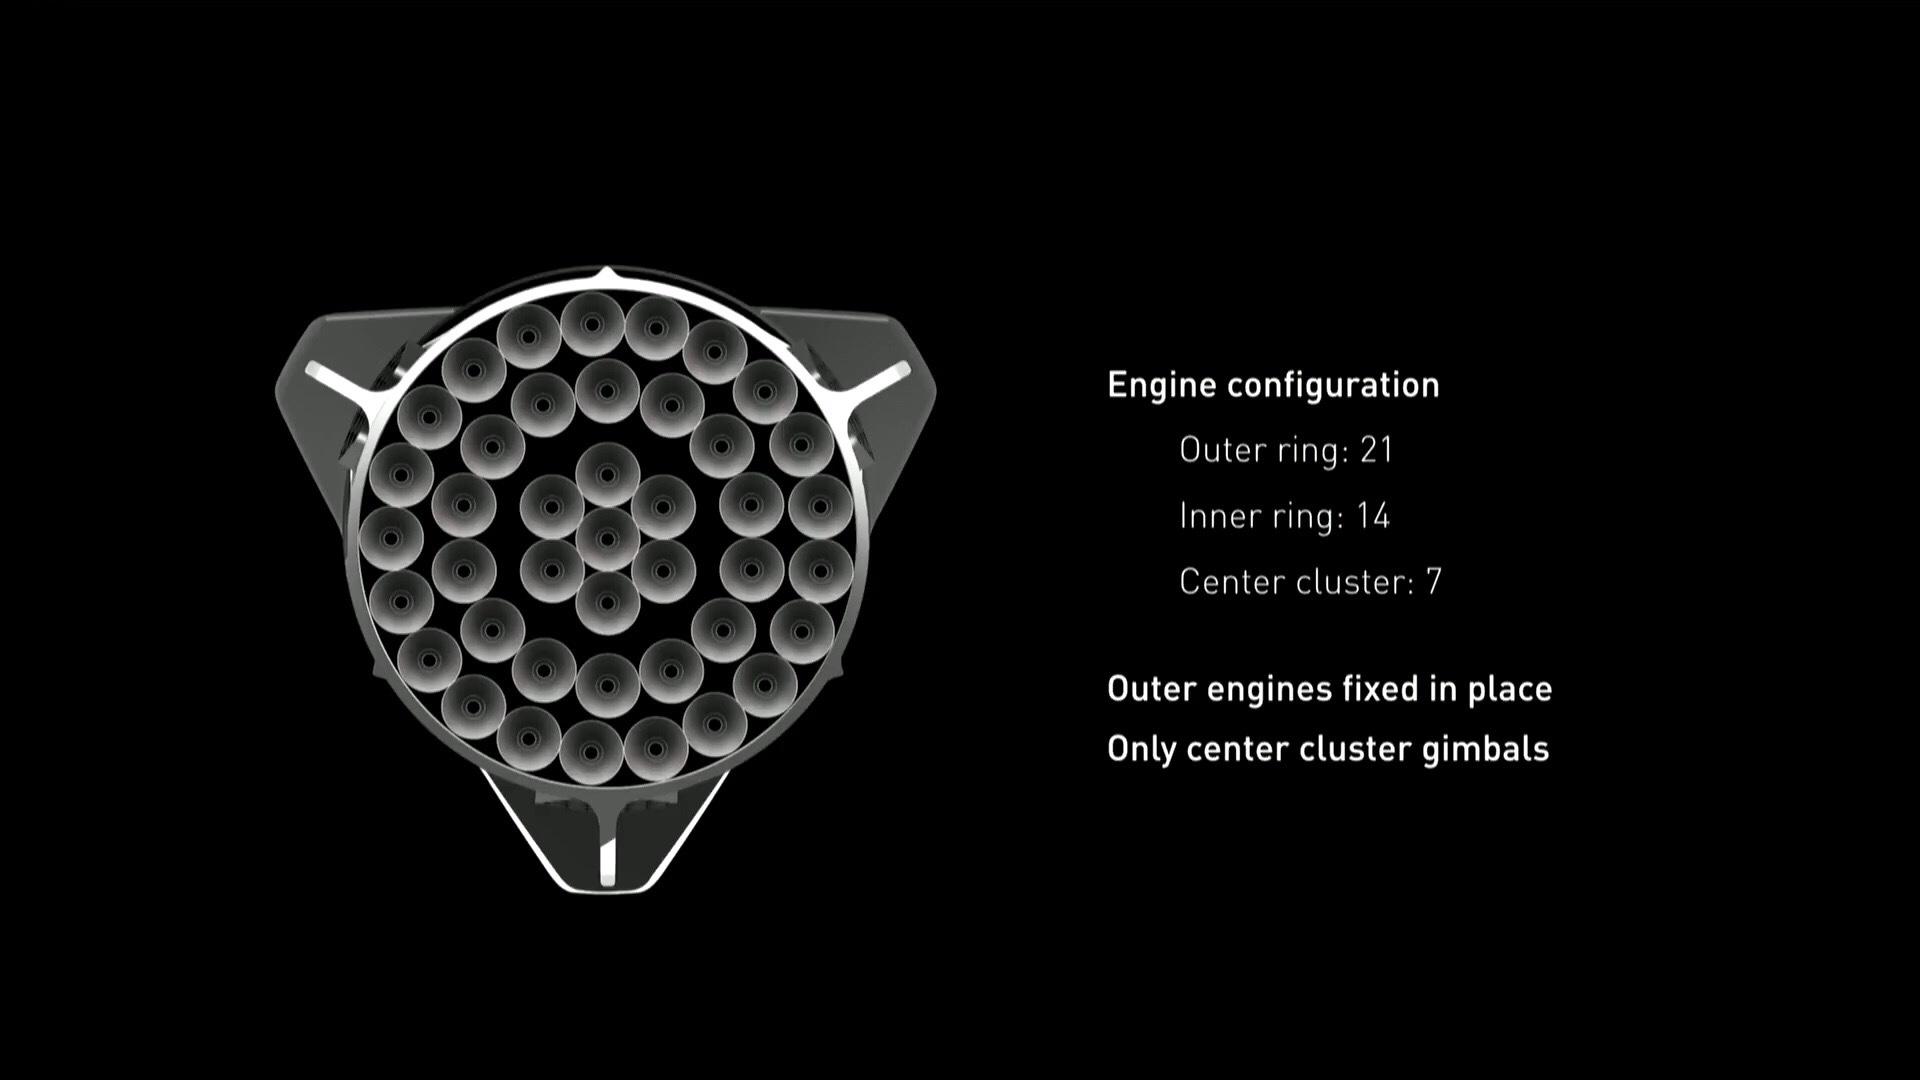 La configurazione dei propulsori del booster. Credit: SpaceX